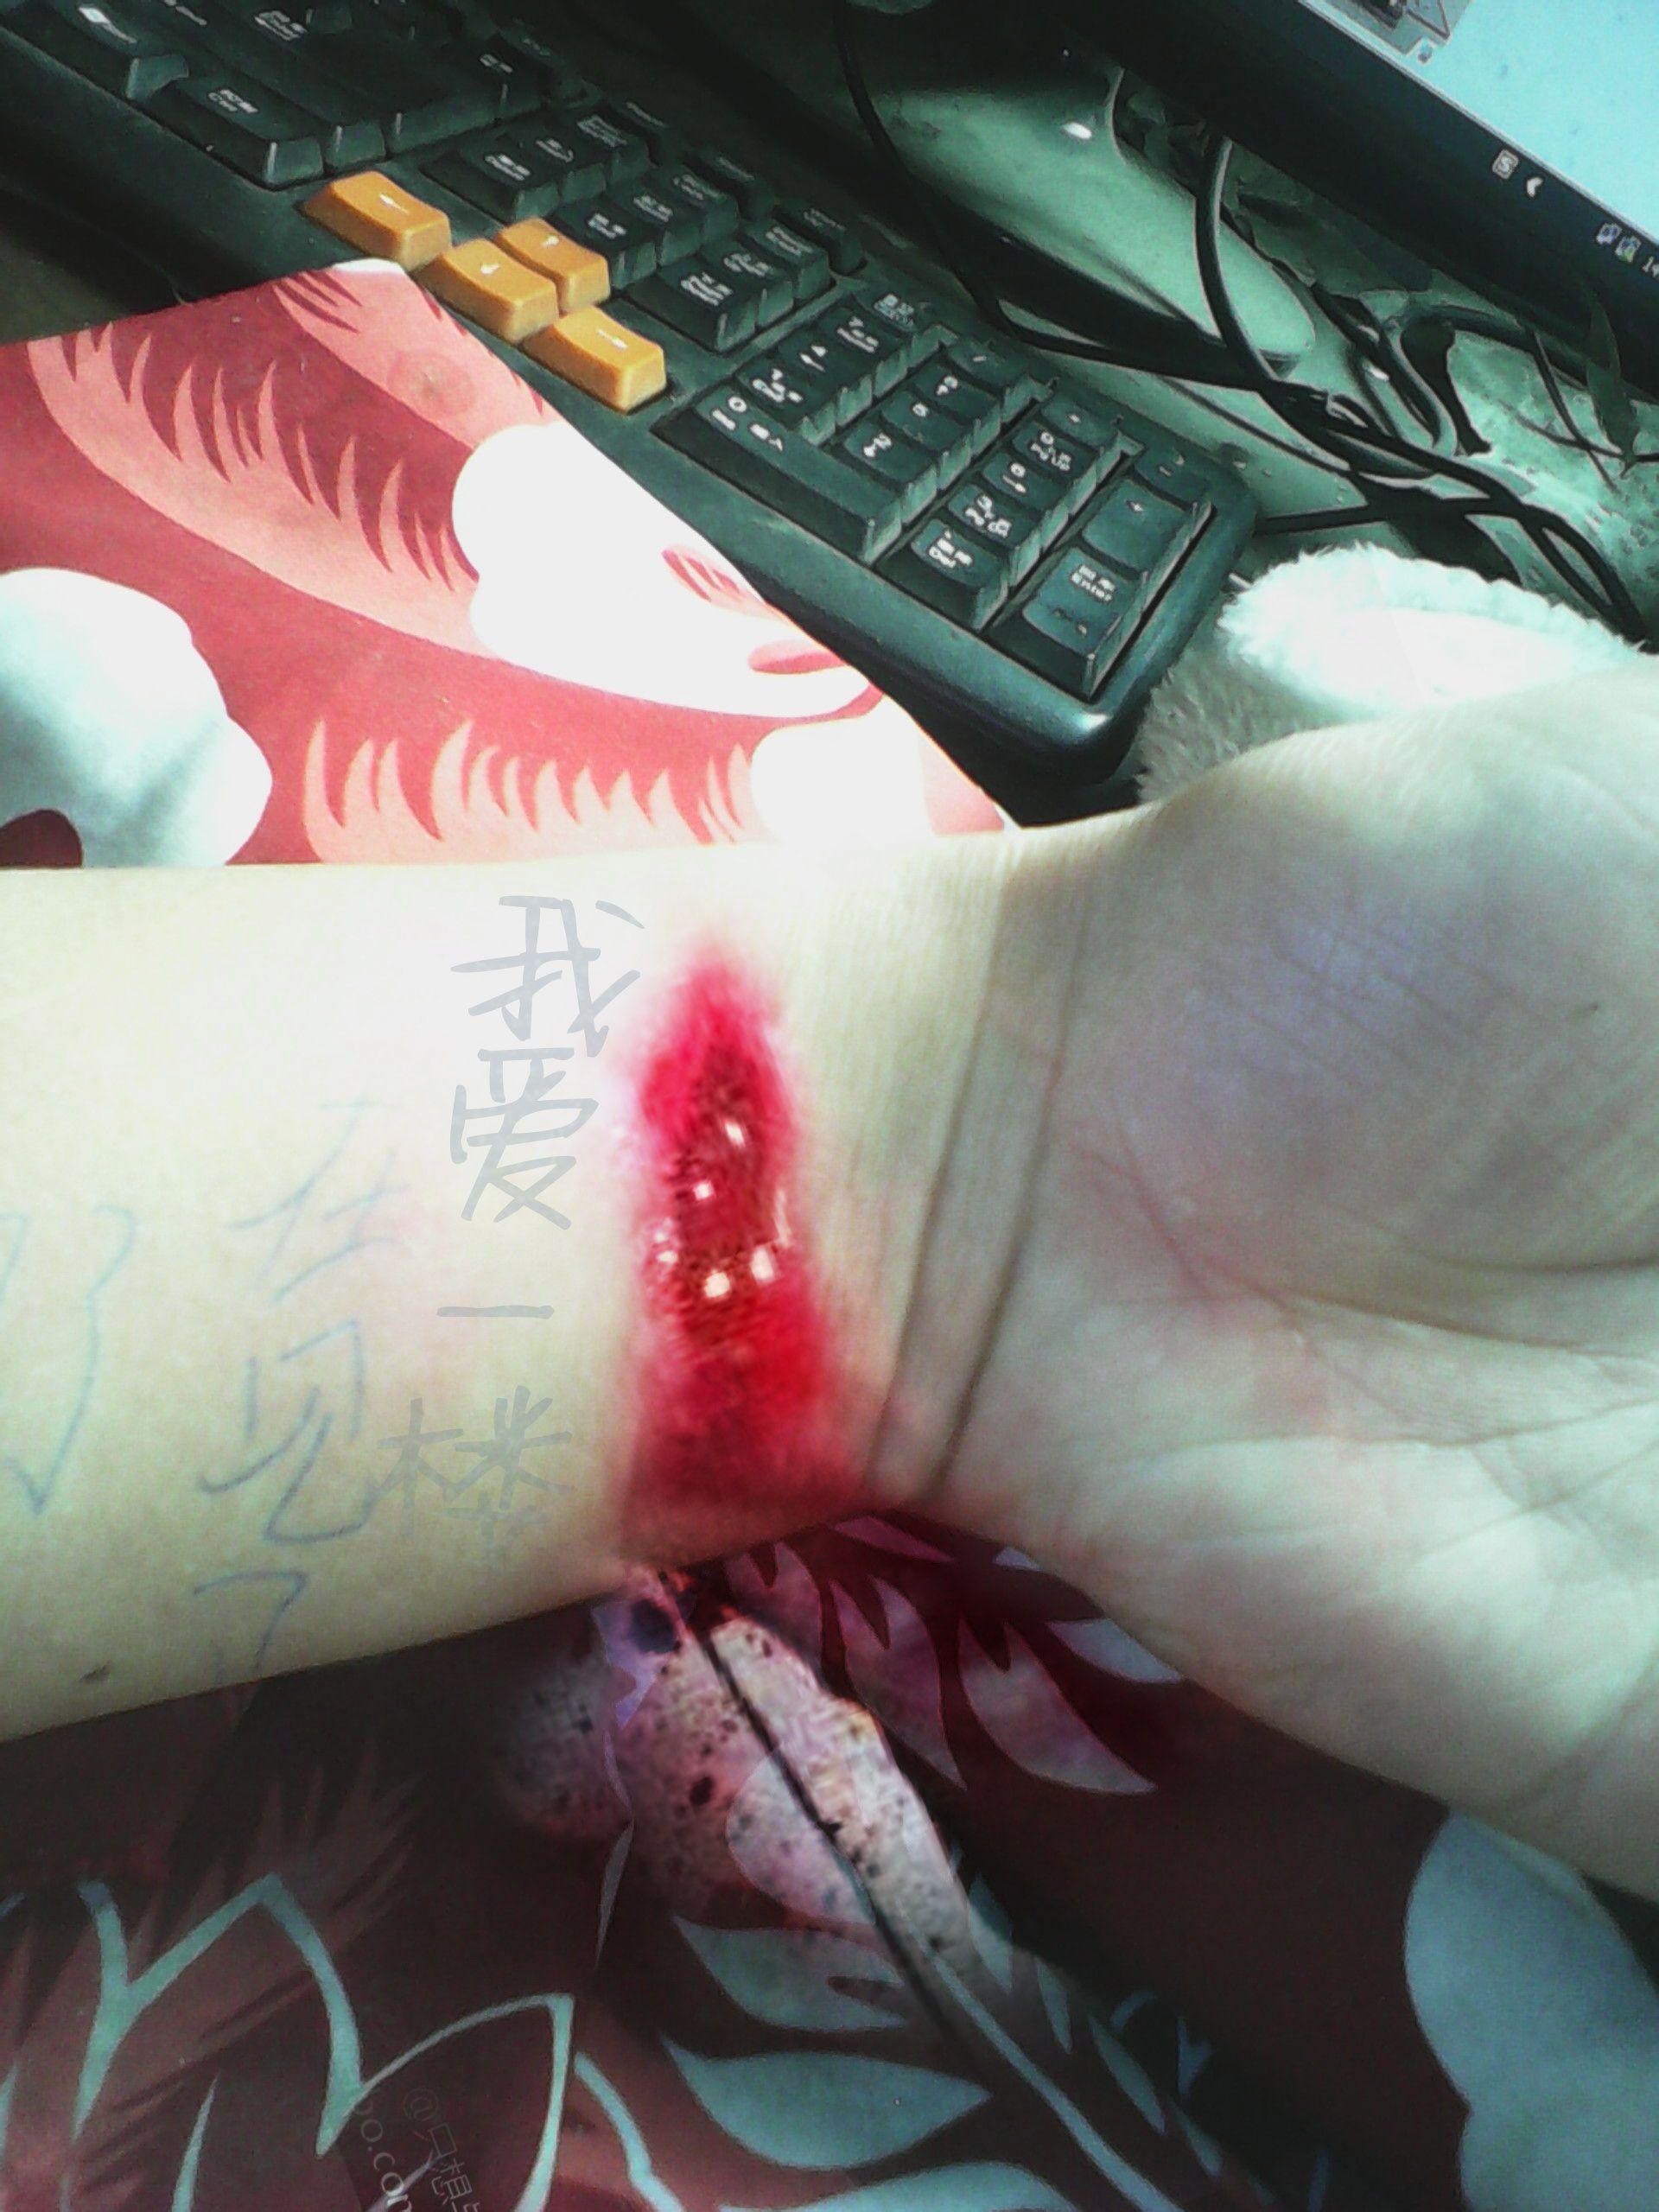 帮我这个图片PS成割腕的图片,要求要有血,逼真 ...